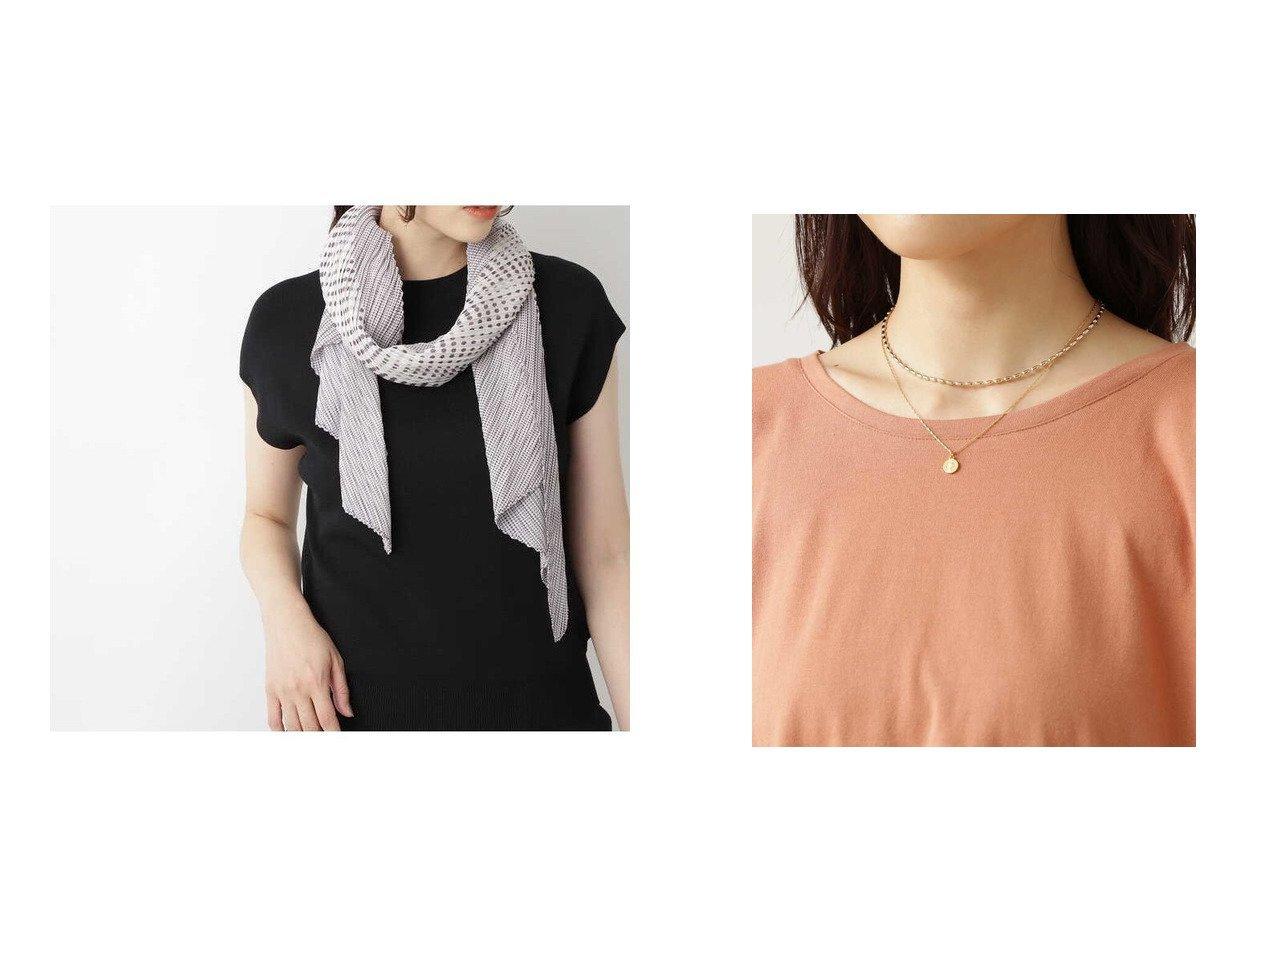 【NATURAL BEAUTY BASIC/ナチュラル ビューティー ベーシック】のプチコインツインネックレス&ミックスドットプリーツスカーフ おすすめ!人気、トレンド・レディースファッションの通販 おすすめで人気の流行・トレンド、ファッションの通販商品 インテリア・家具・メンズファッション・キッズファッション・レディースファッション・服の通販 founy(ファニー) https://founy.com/ ファッション Fashion レディースファッション WOMEN ジュエリー Jewelry ネックレス Necklaces スカーフ ドット プリント プリーツ コイン チェーン ネックレス パターン モチーフ |ID:crp329100000065034